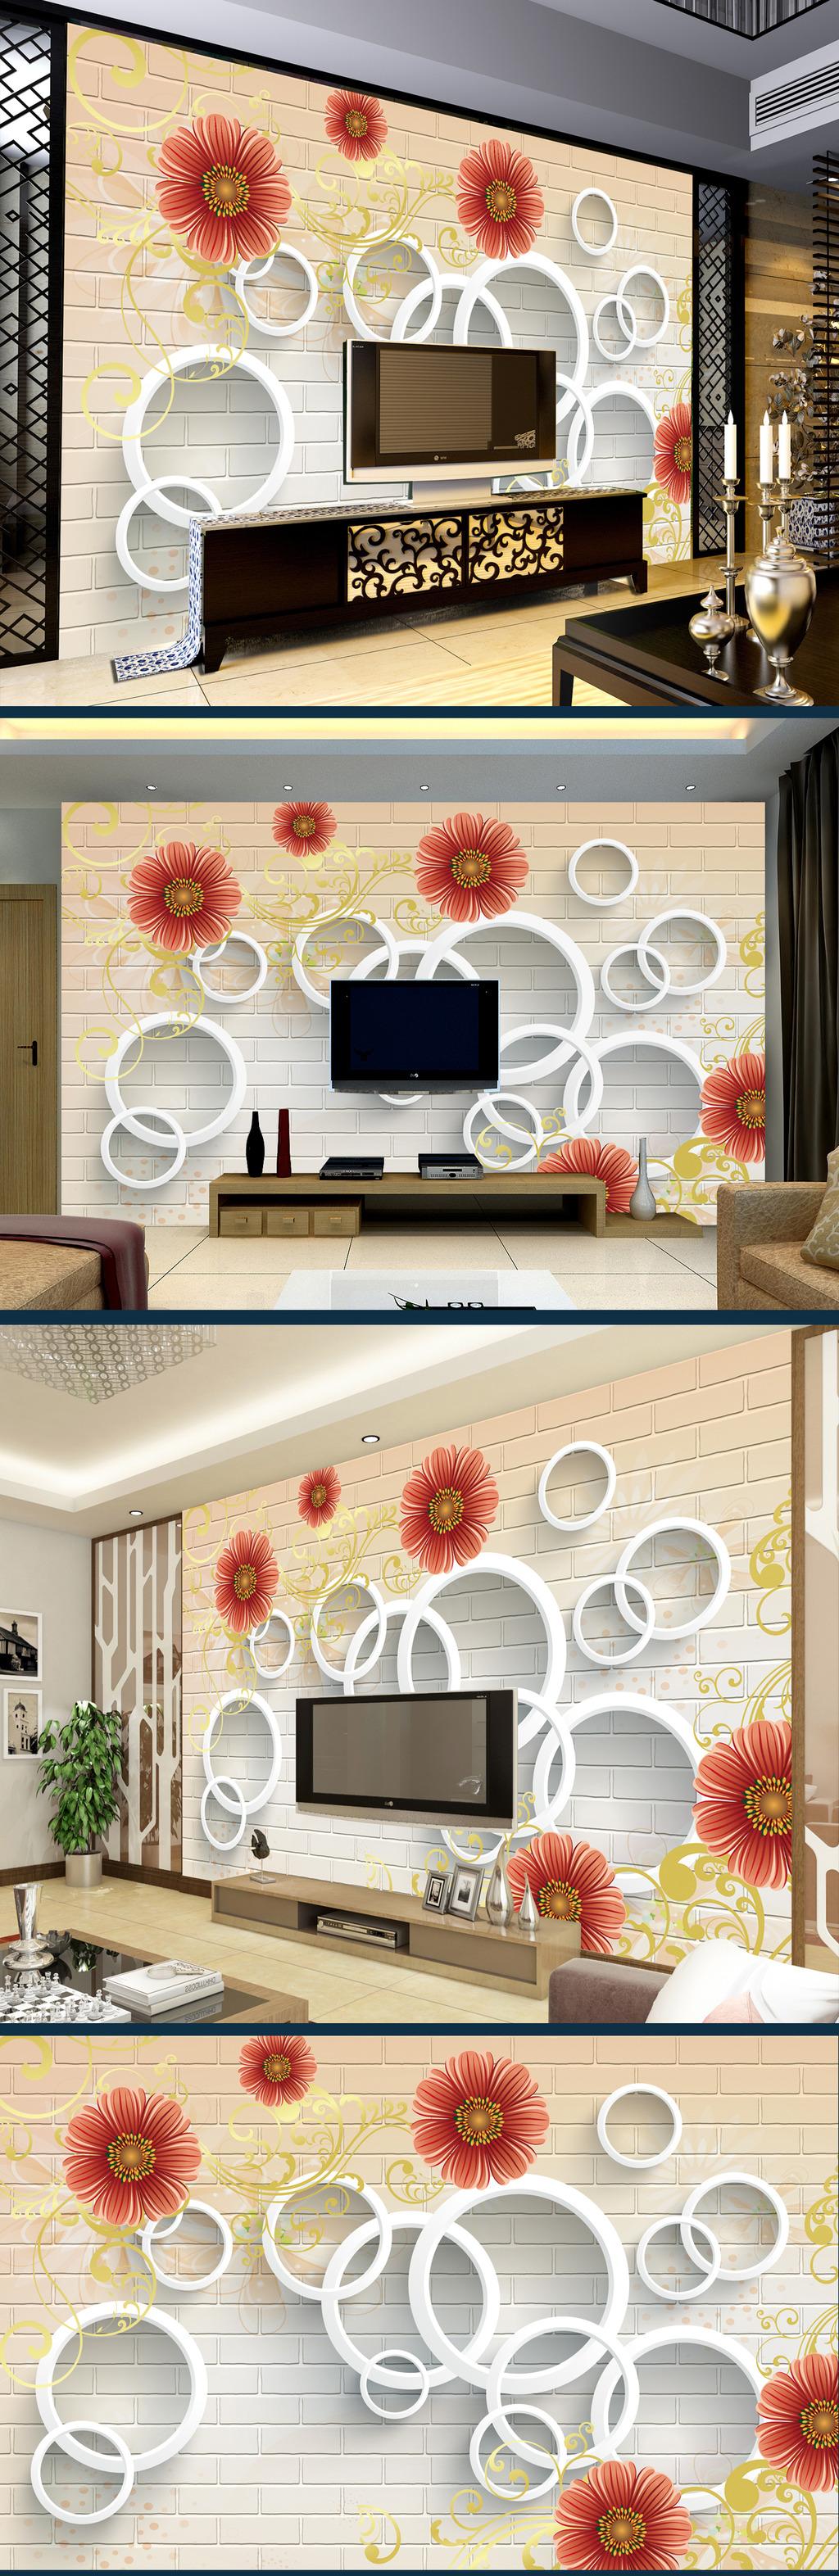 手绘酒店长廊壁画